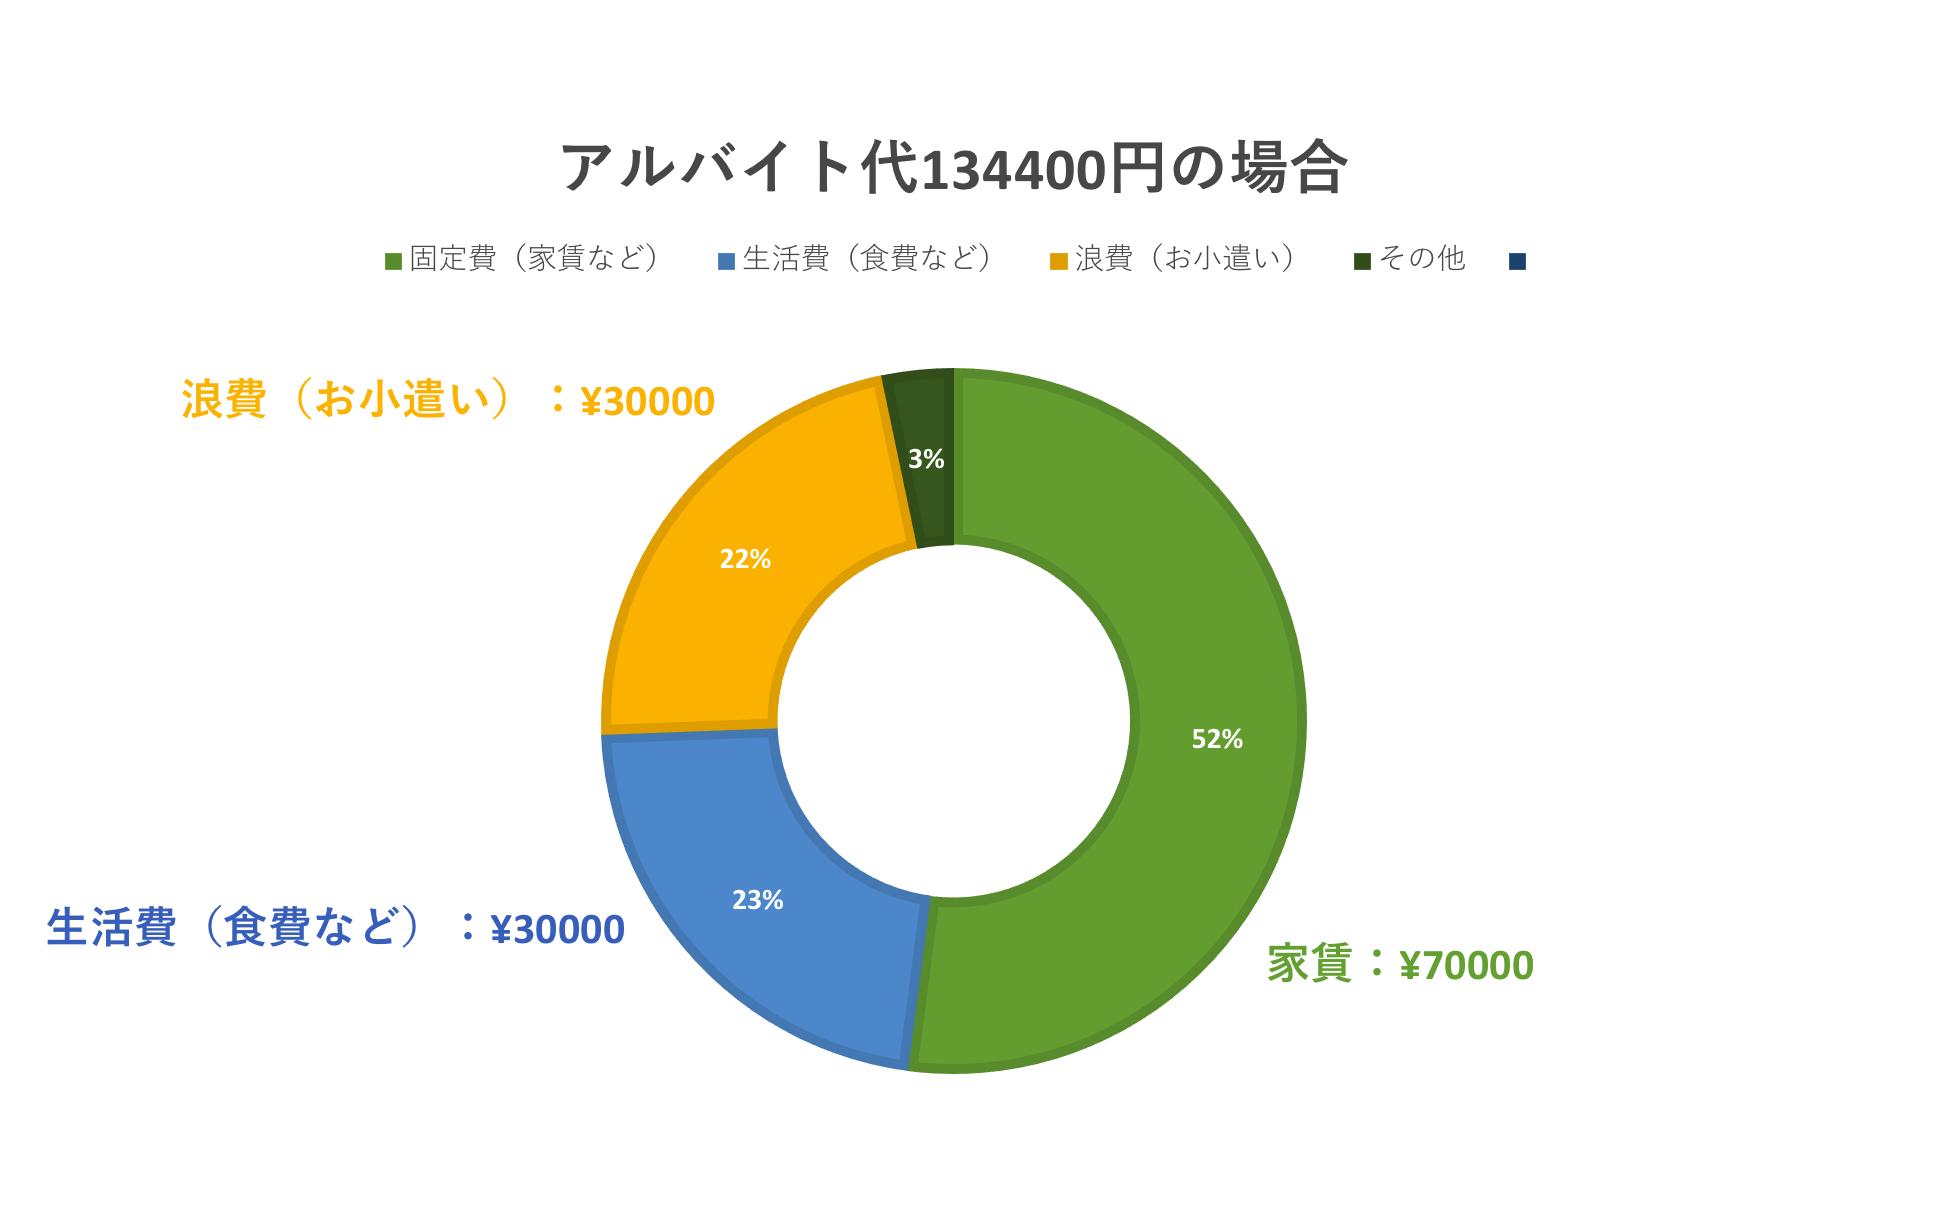 アルバイト代の使い道2 家賃:¥70000、生活費:¥30000、浪費:¥30000